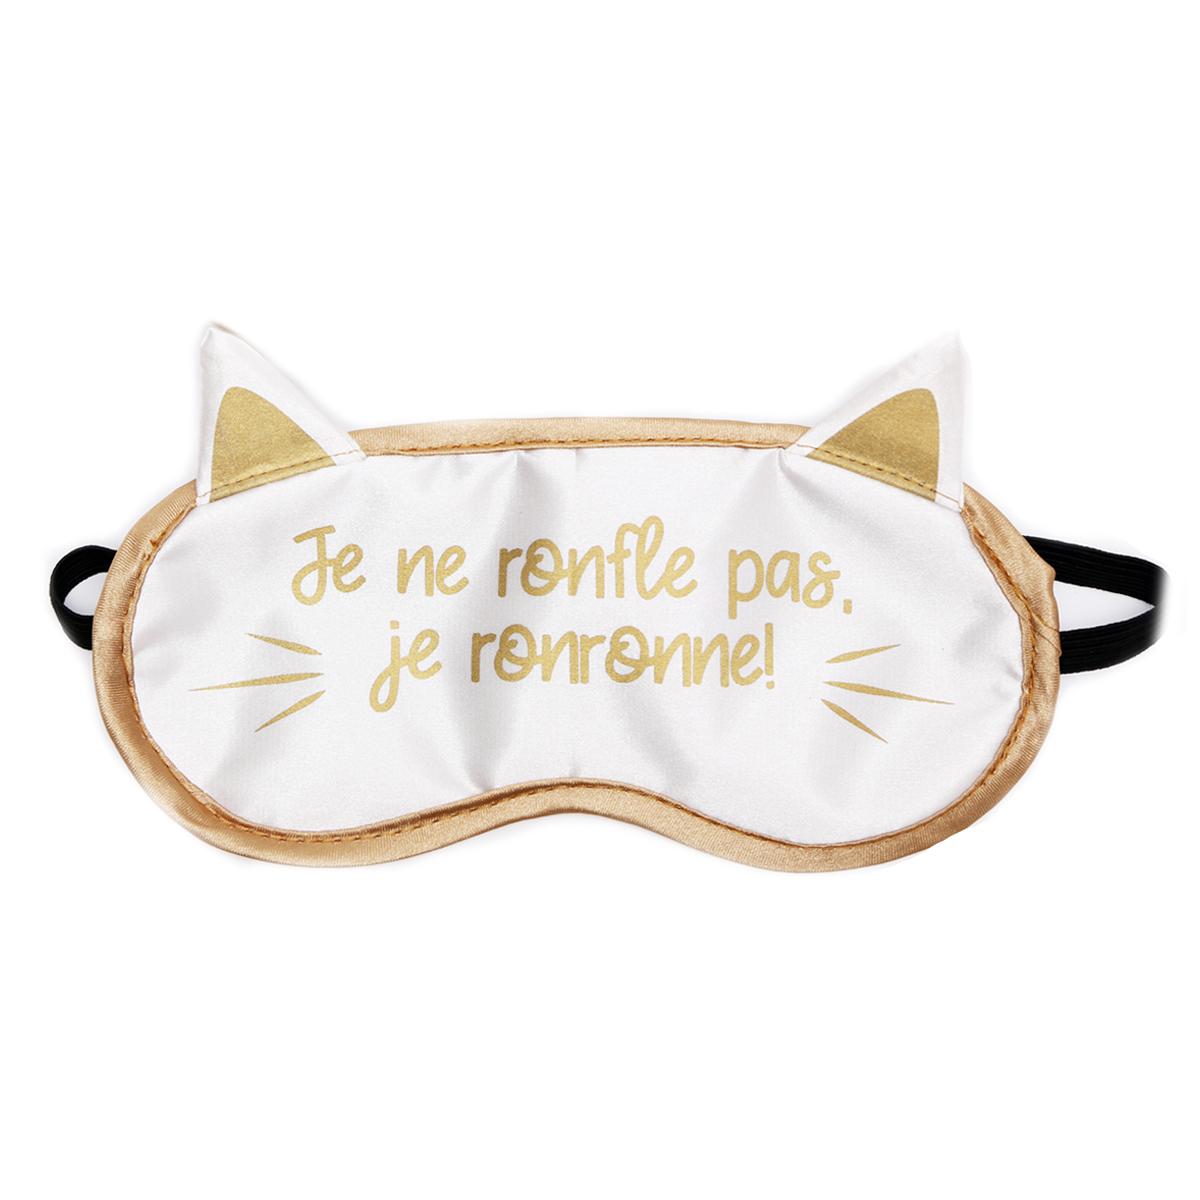 Masque de voyage / masque de nuit \'Chats\' blanc doré (je ne ronfle pas, je ronronne !) - 19x115 cm - [R0922]